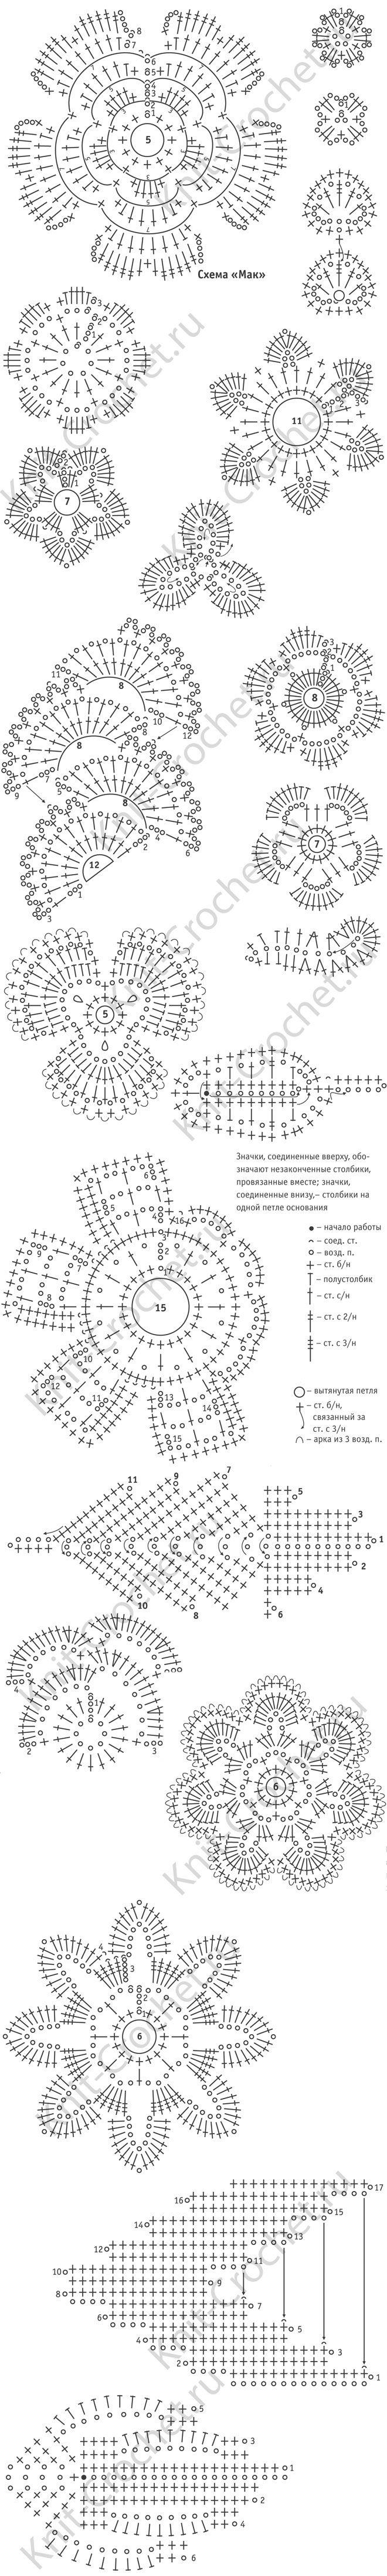 схемы узоров для вязания крючком платья для девочки с мотивом мак